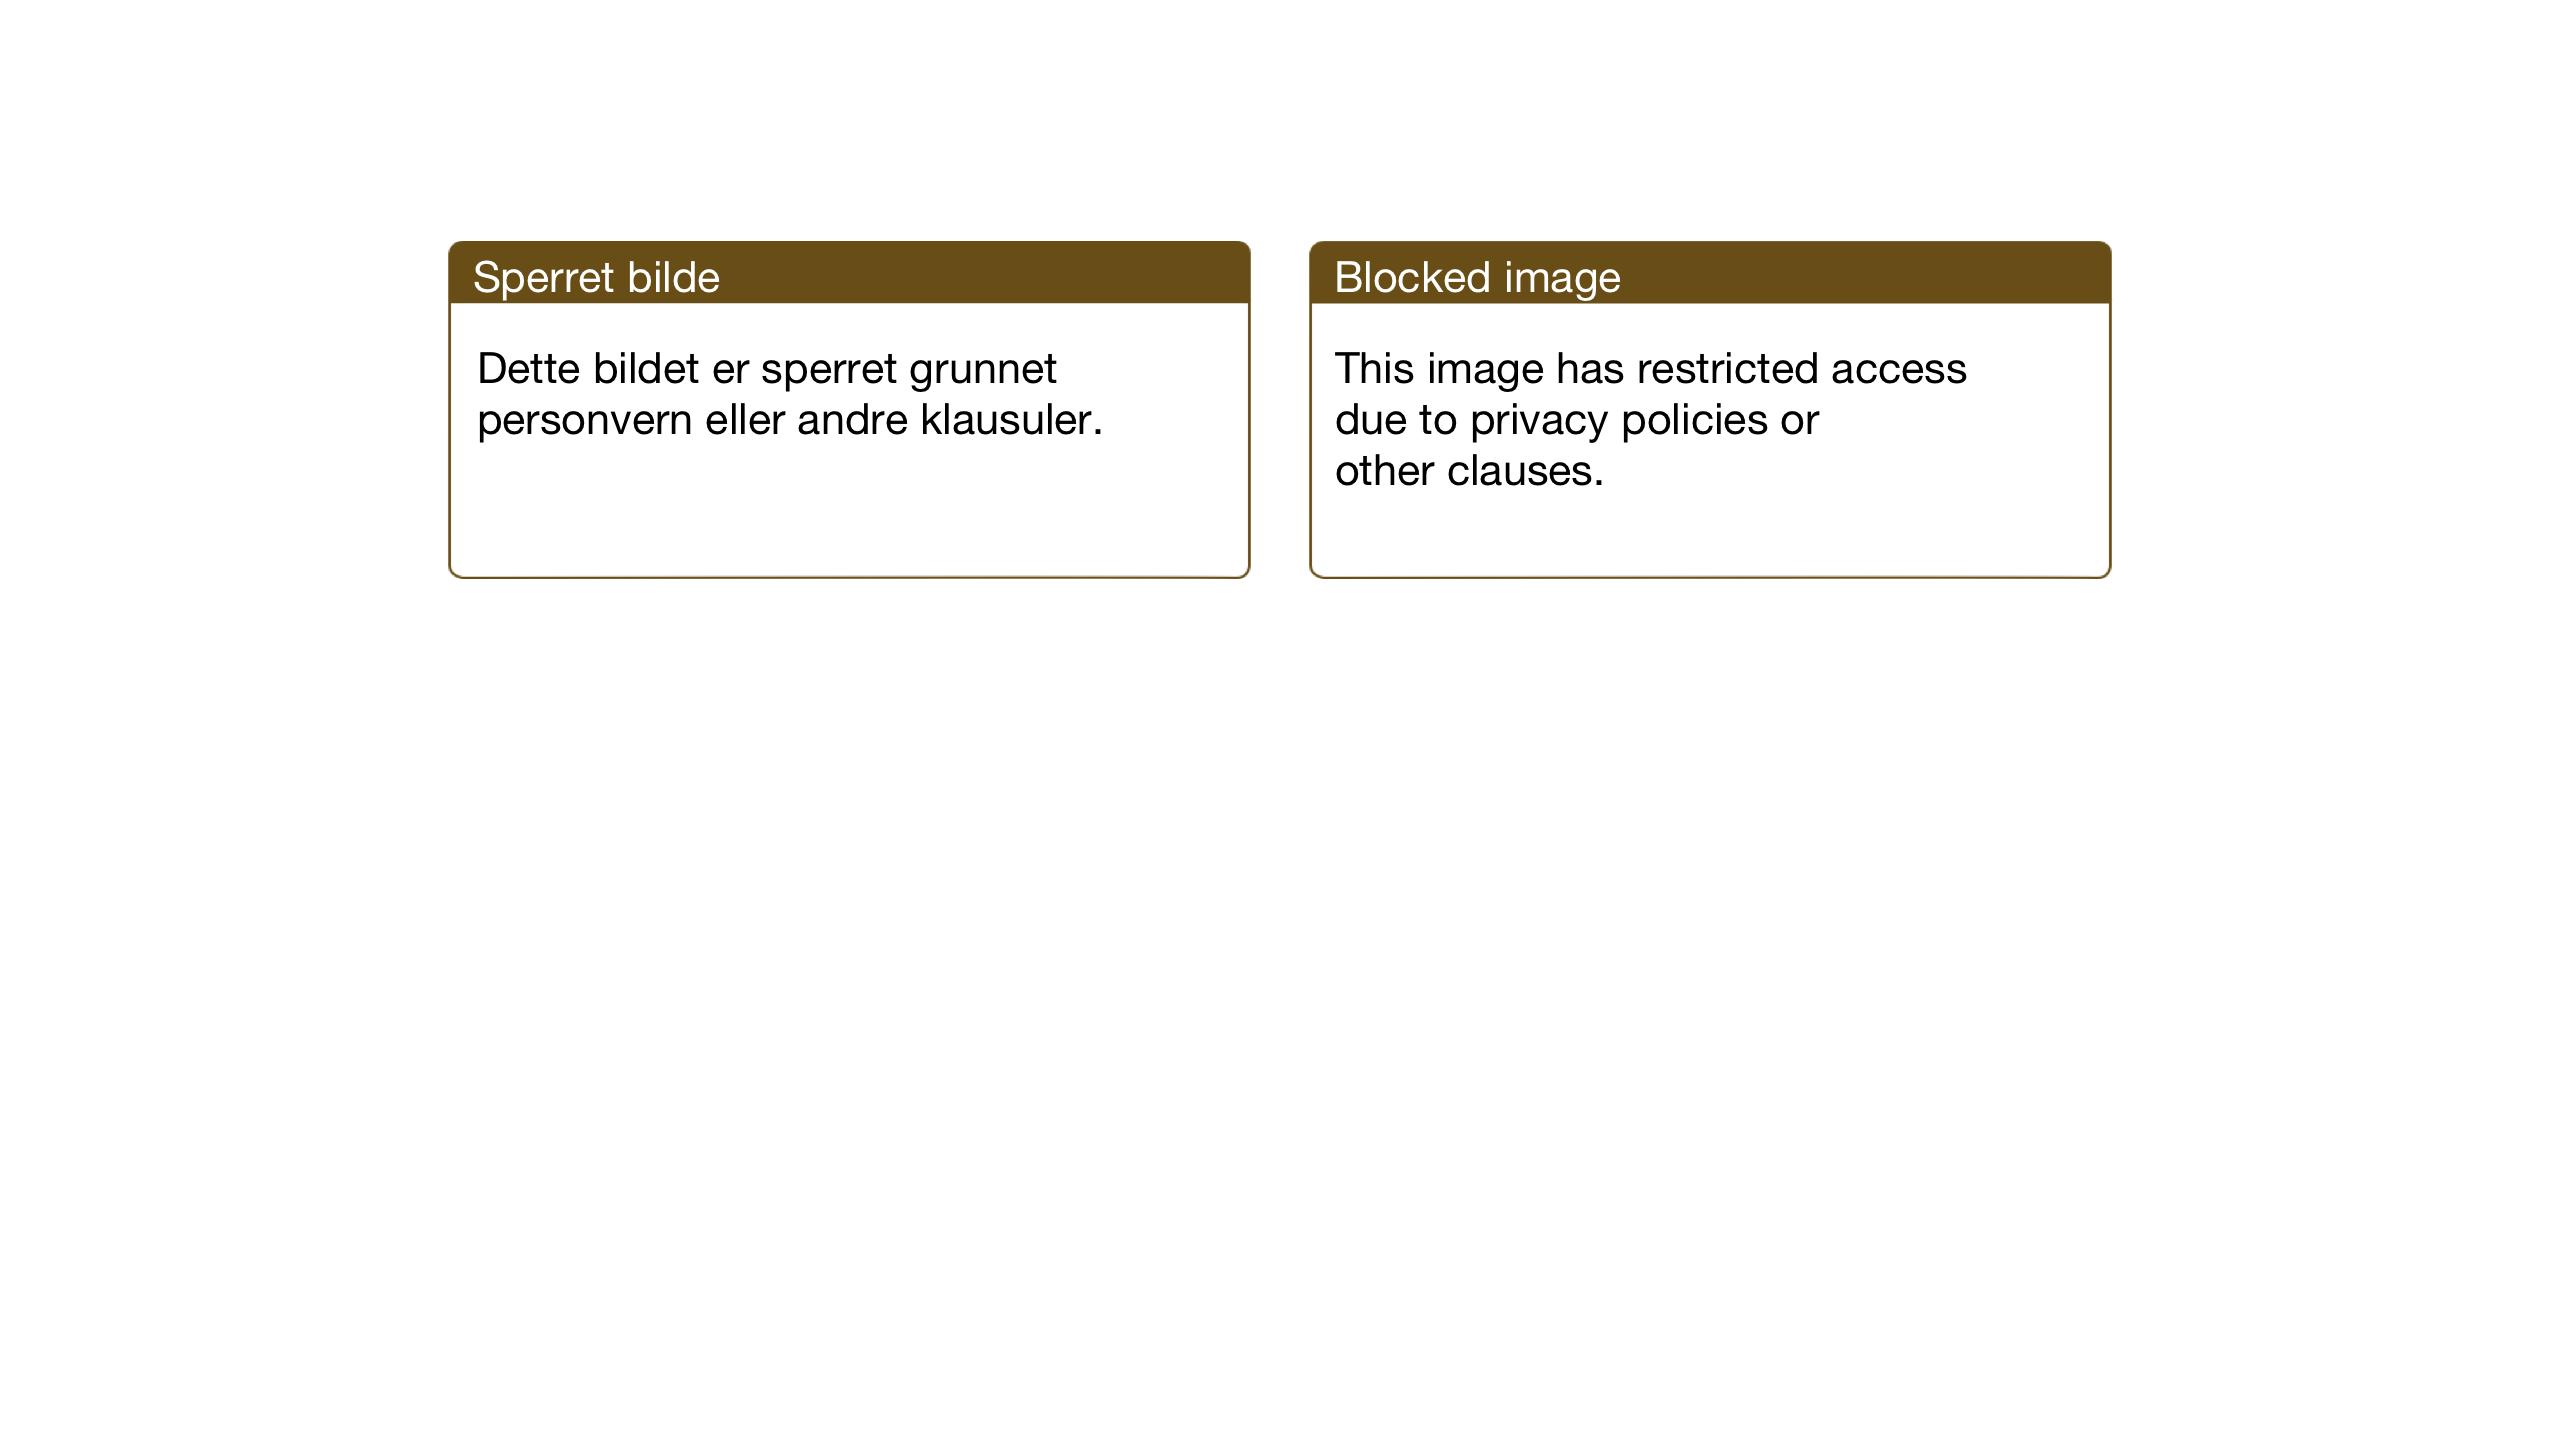 SAT, Ministerialprotokoller, klokkerbøker og fødselsregistre - Sør-Trøndelag, 604/L0210: Ministerialbok nr. 604A30, 1932-1946, s. 106